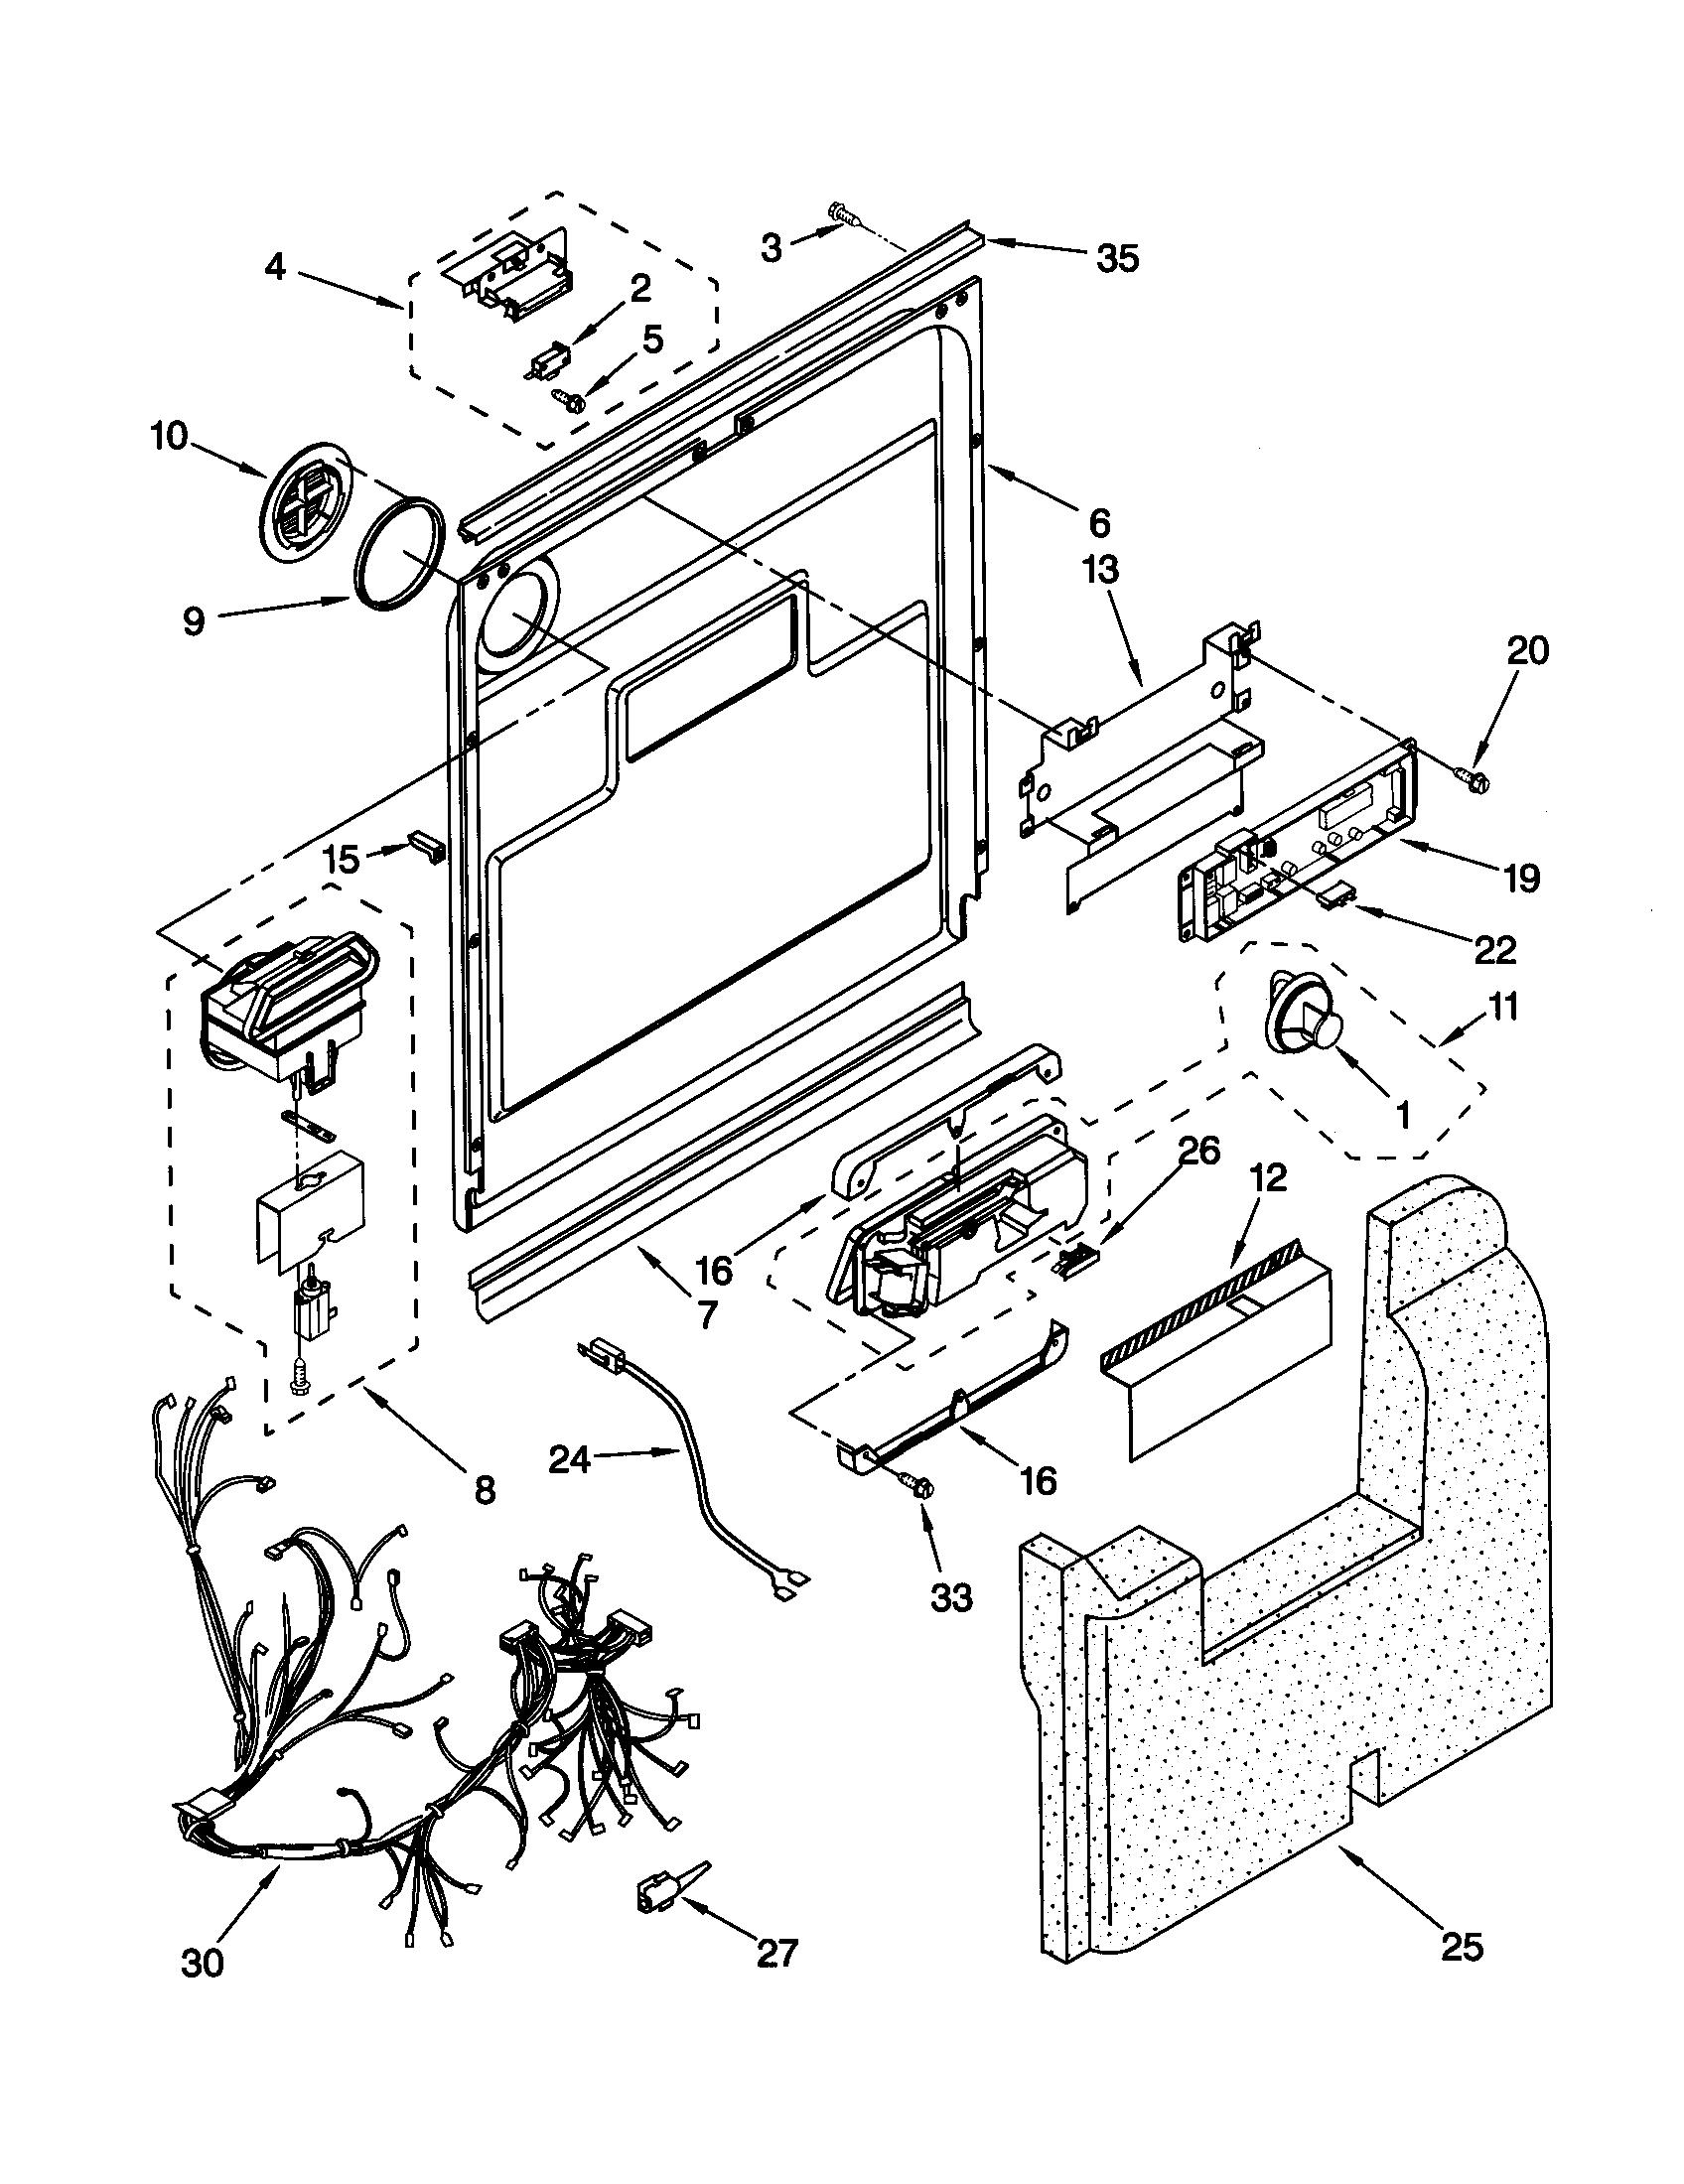 Kenmore Elite Dishwasher Schematic Diagrams Model 665 Wiring Diagram Schematics Data U2022 Ultra W A Hs 1312 Parts